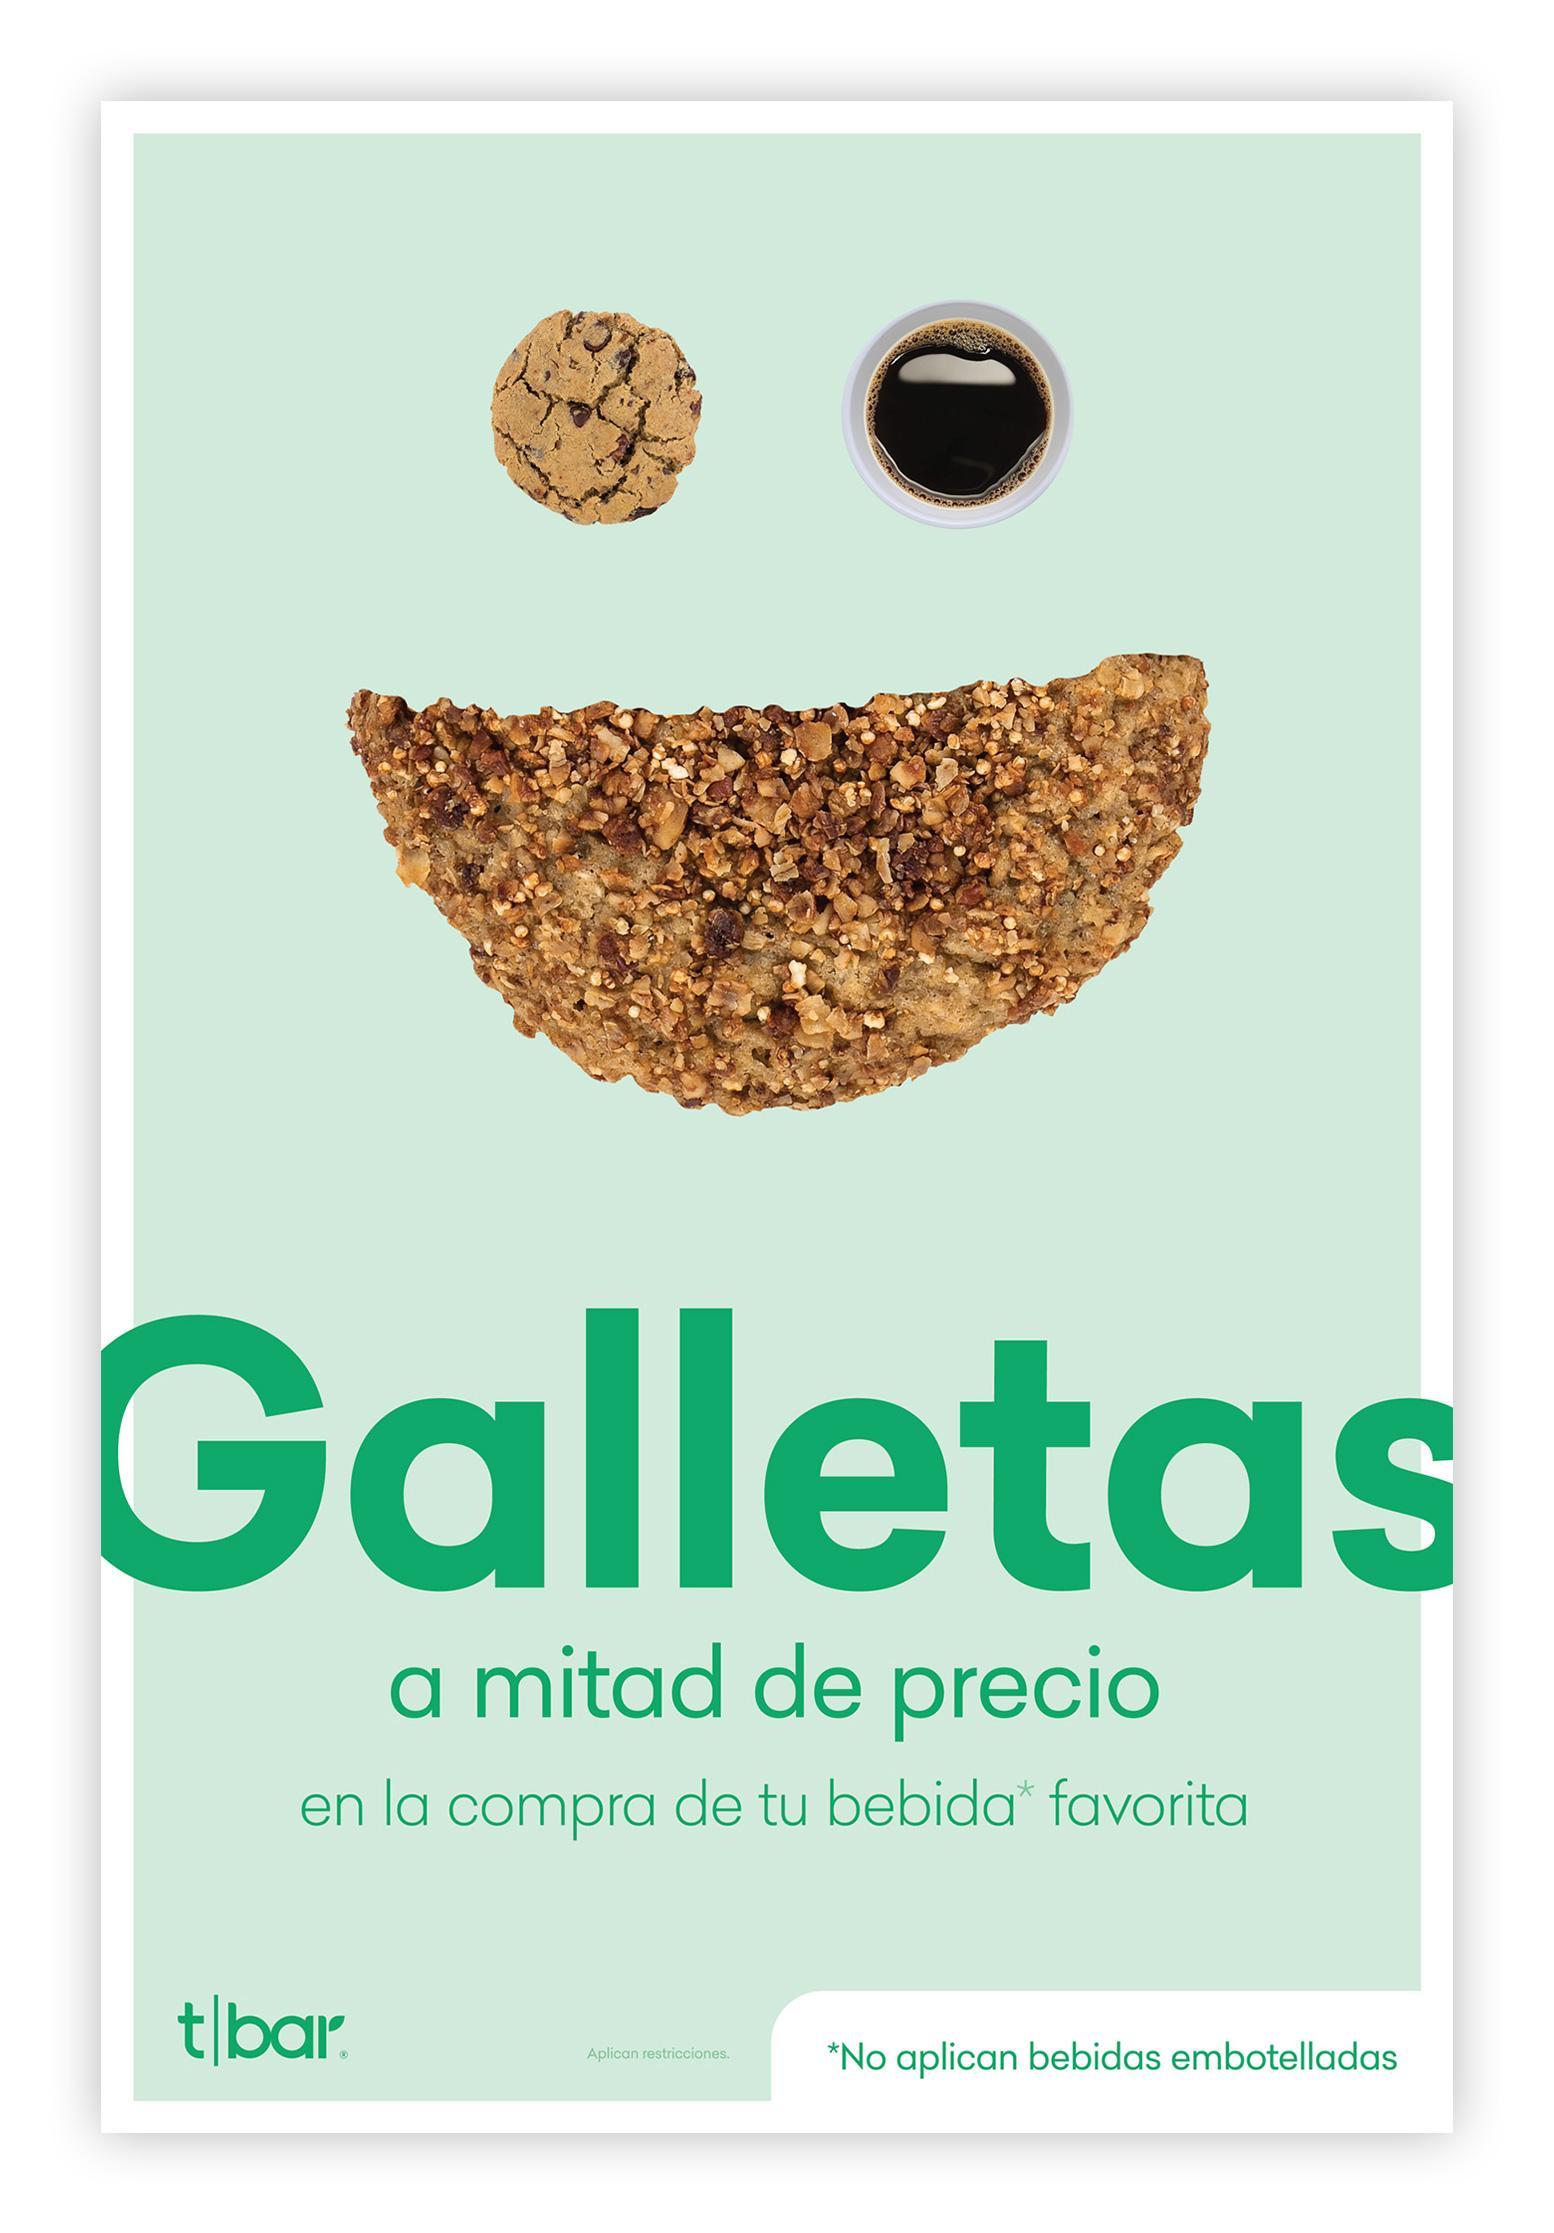 tbar_Galletas-a-mitad-de-precio_v2.jpg